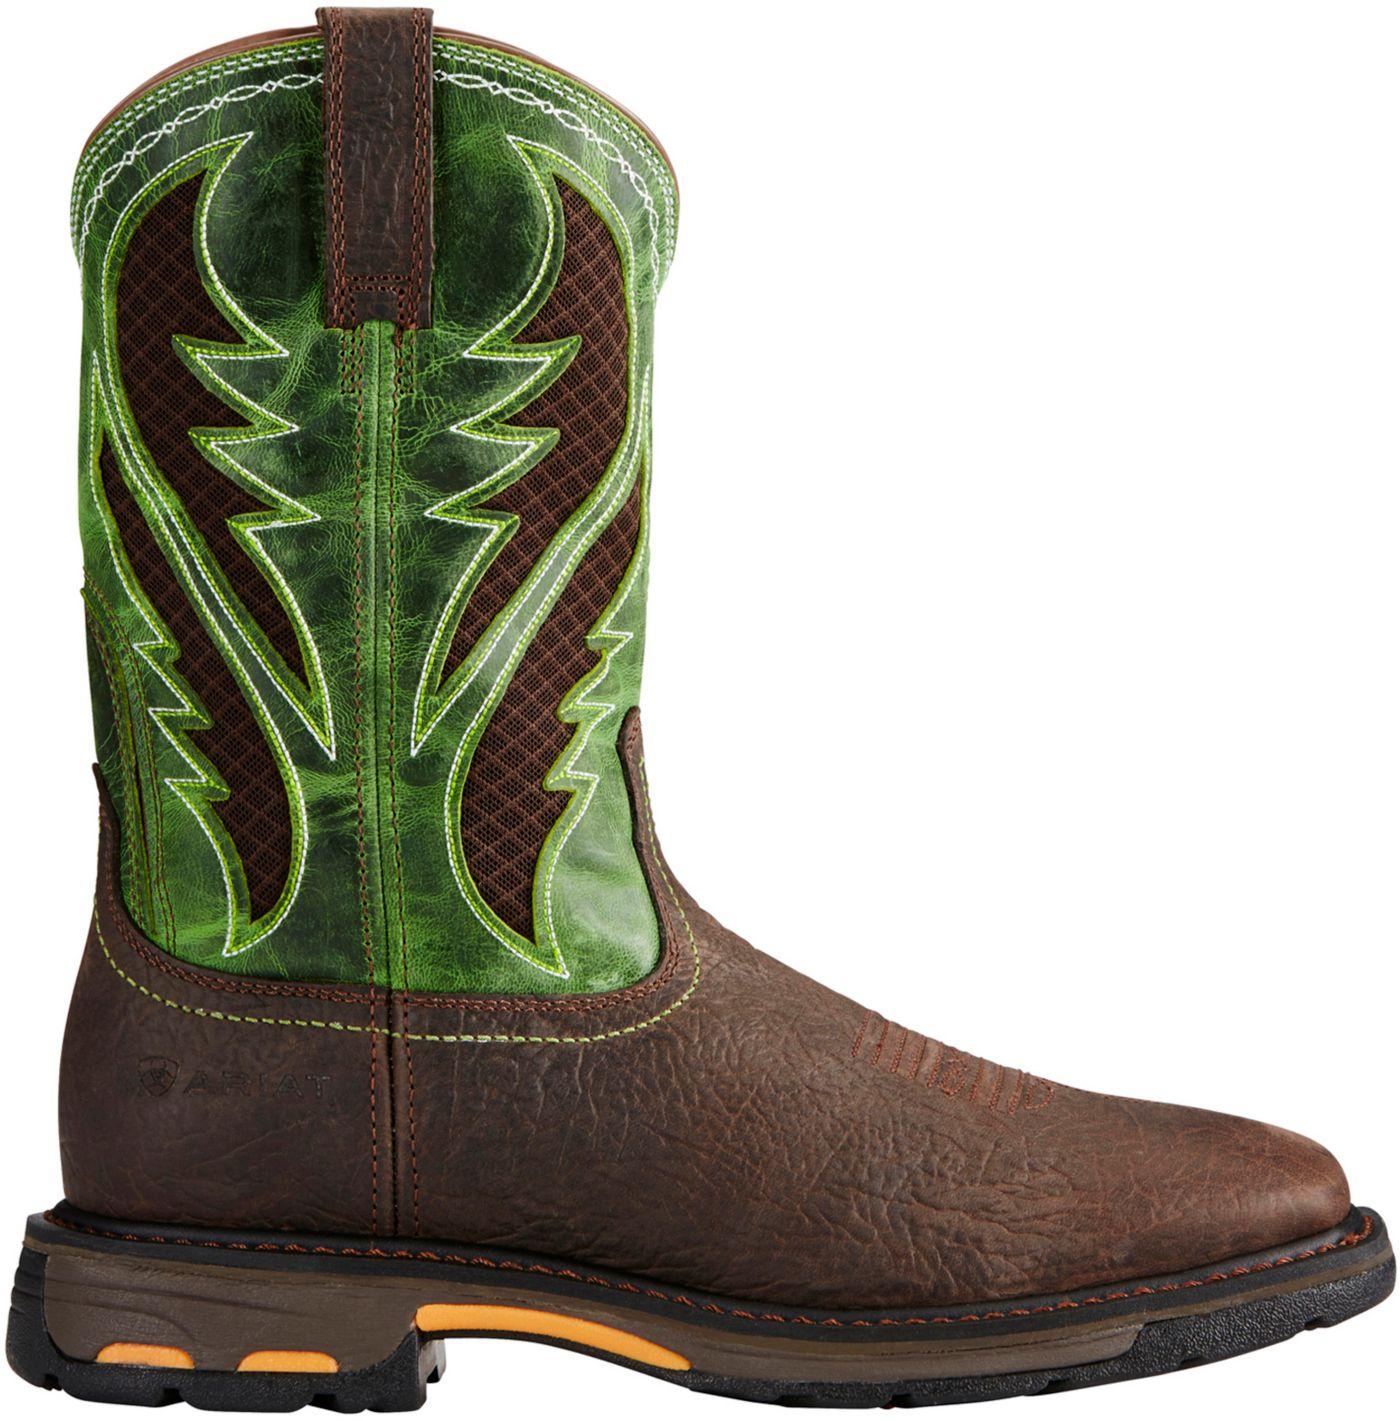 Ariat Men's Workhog VentTek Western Work Boots